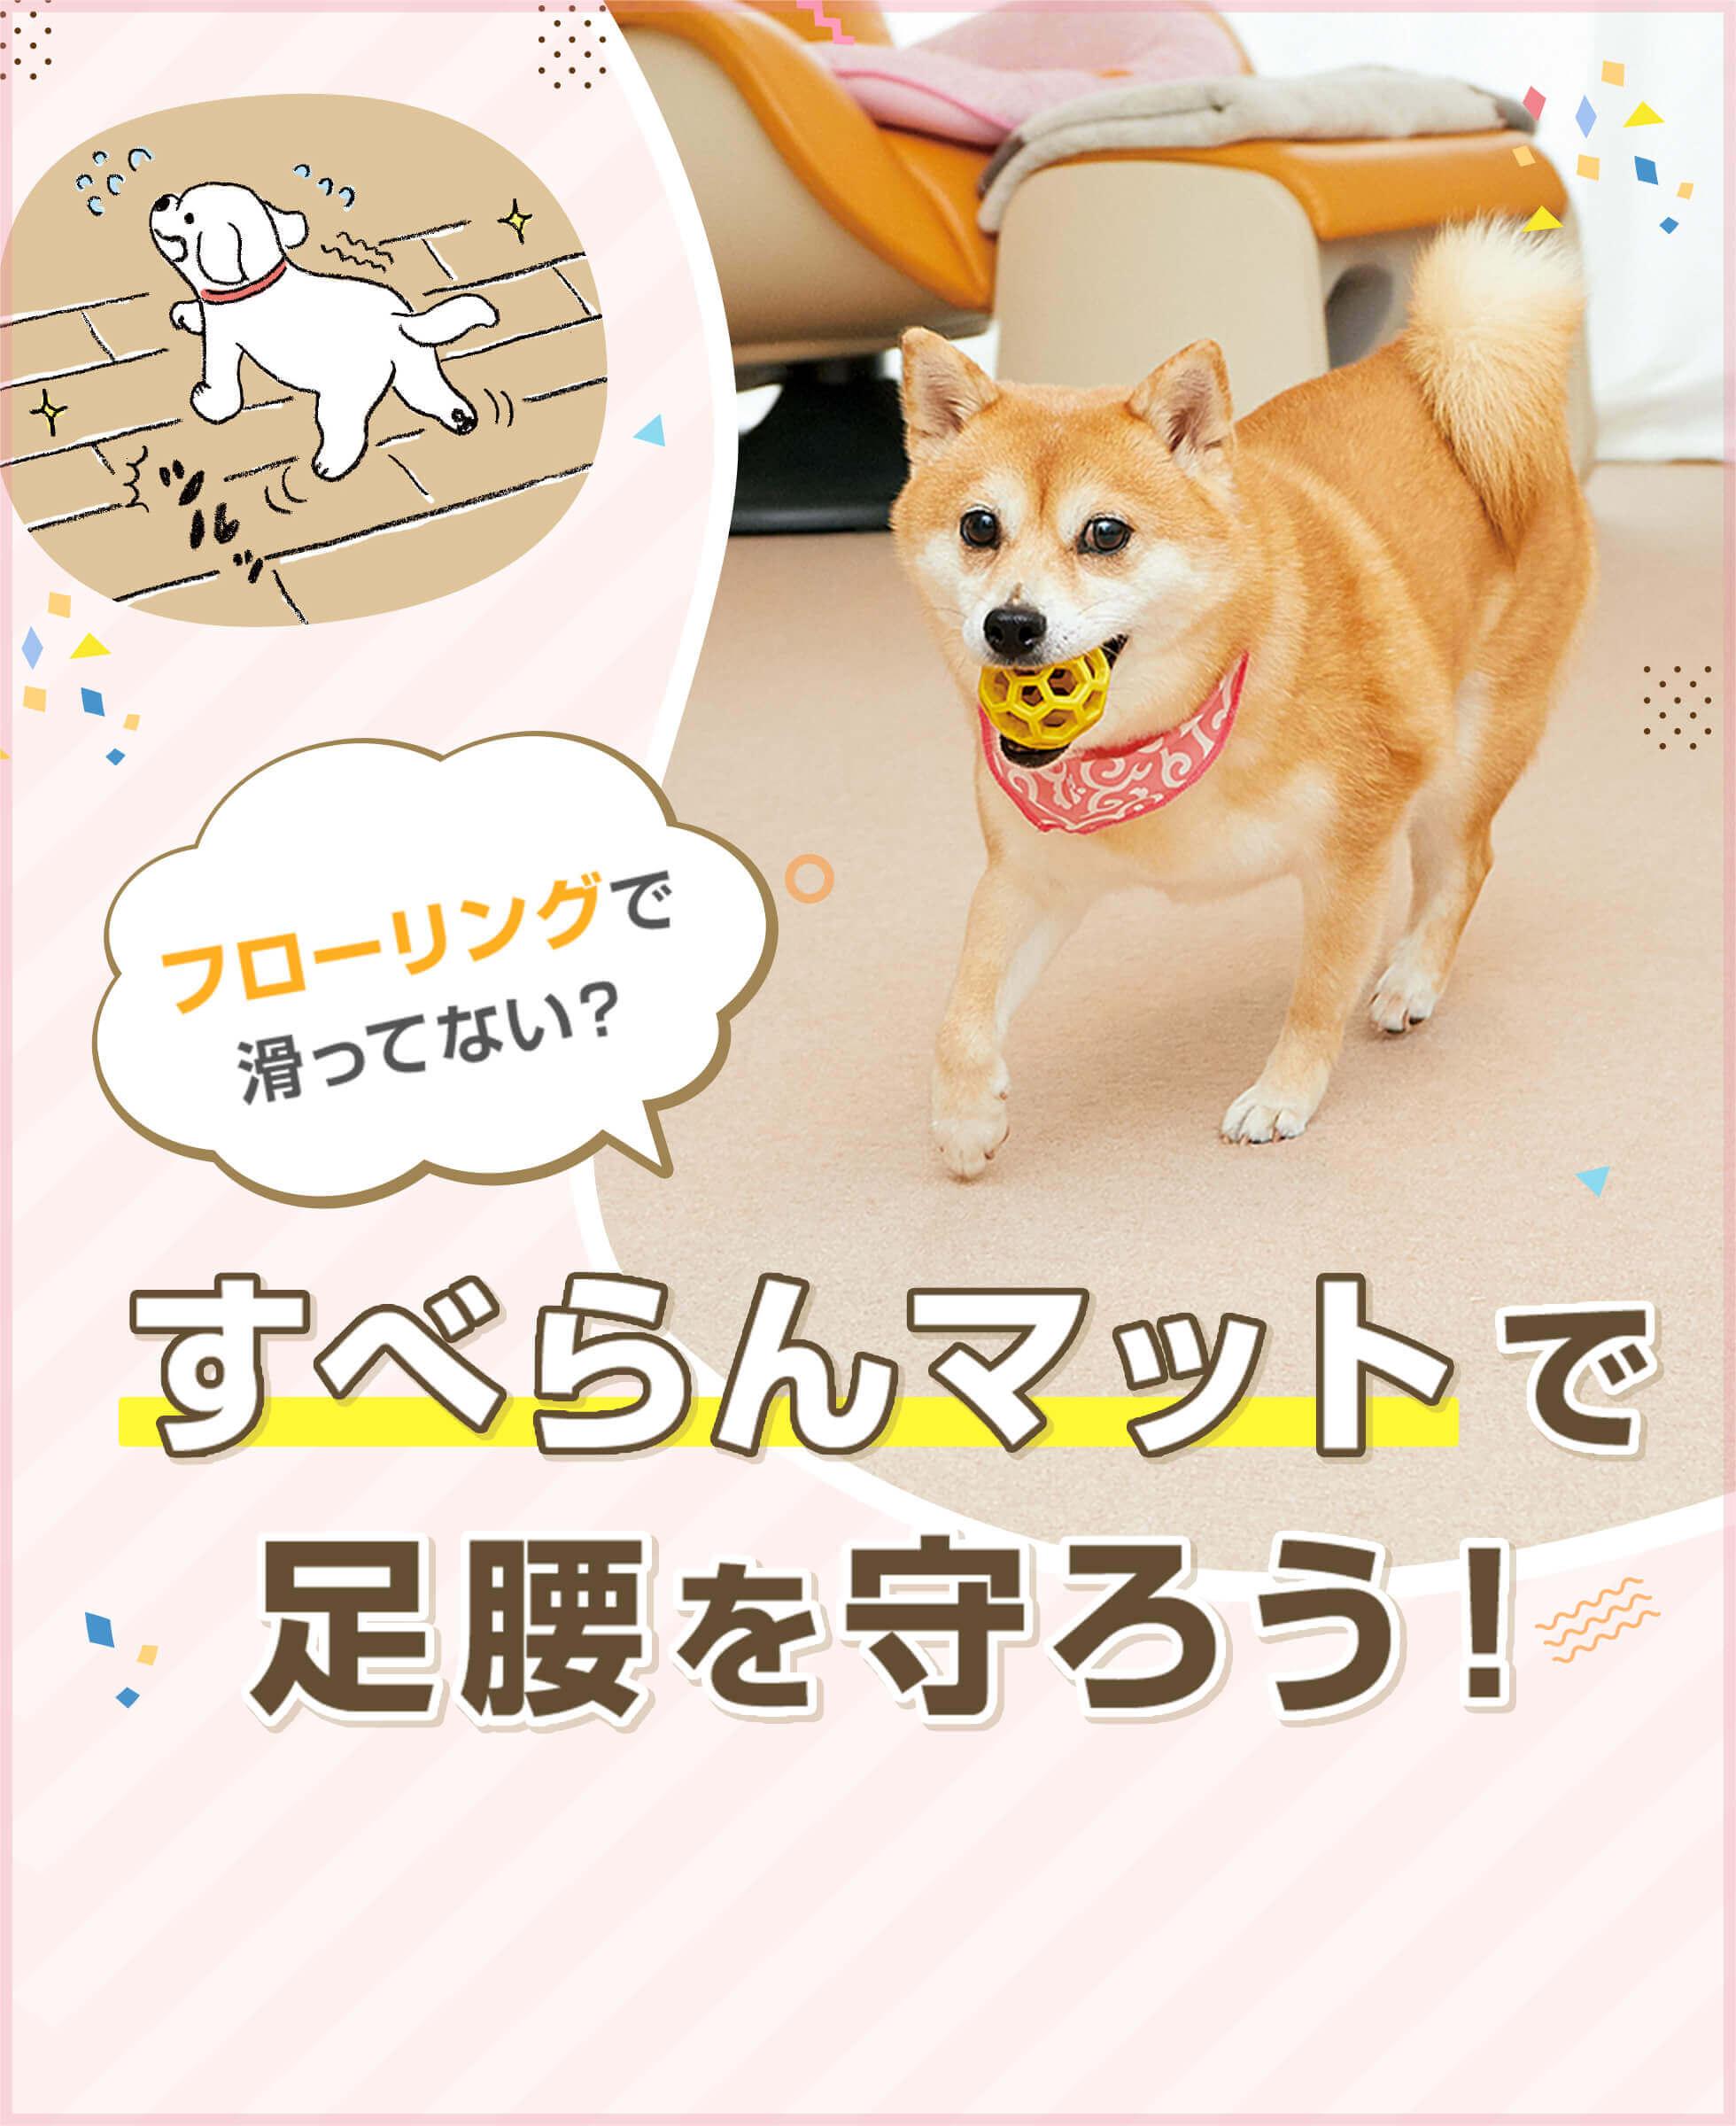 愛犬・愛猫のための『滑り止めマット特集』─おうち遊びで滑ってない?足腰を守るすべらんマット(ピタッと吸着マット)をご紹介!